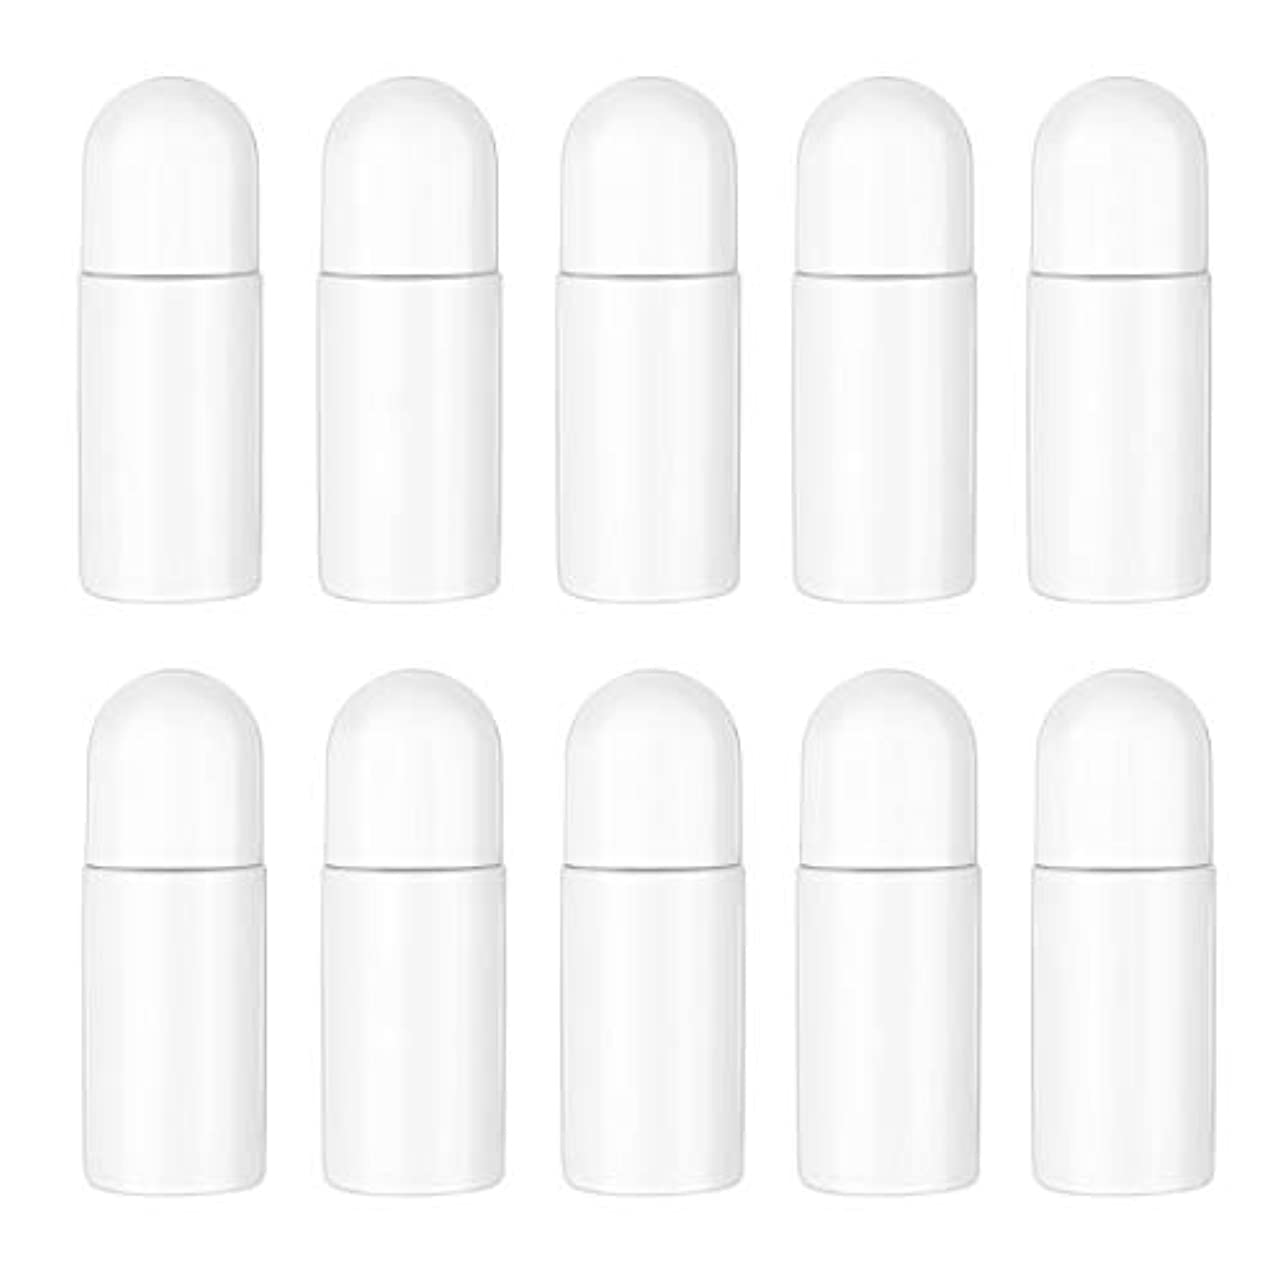 縁石避けられない技術Healifty エッセンシャルオイル香水化粧品50 ml(白)の10ピースプラスチックローラーボトル空の詰め替え可能なローラーボールボトル